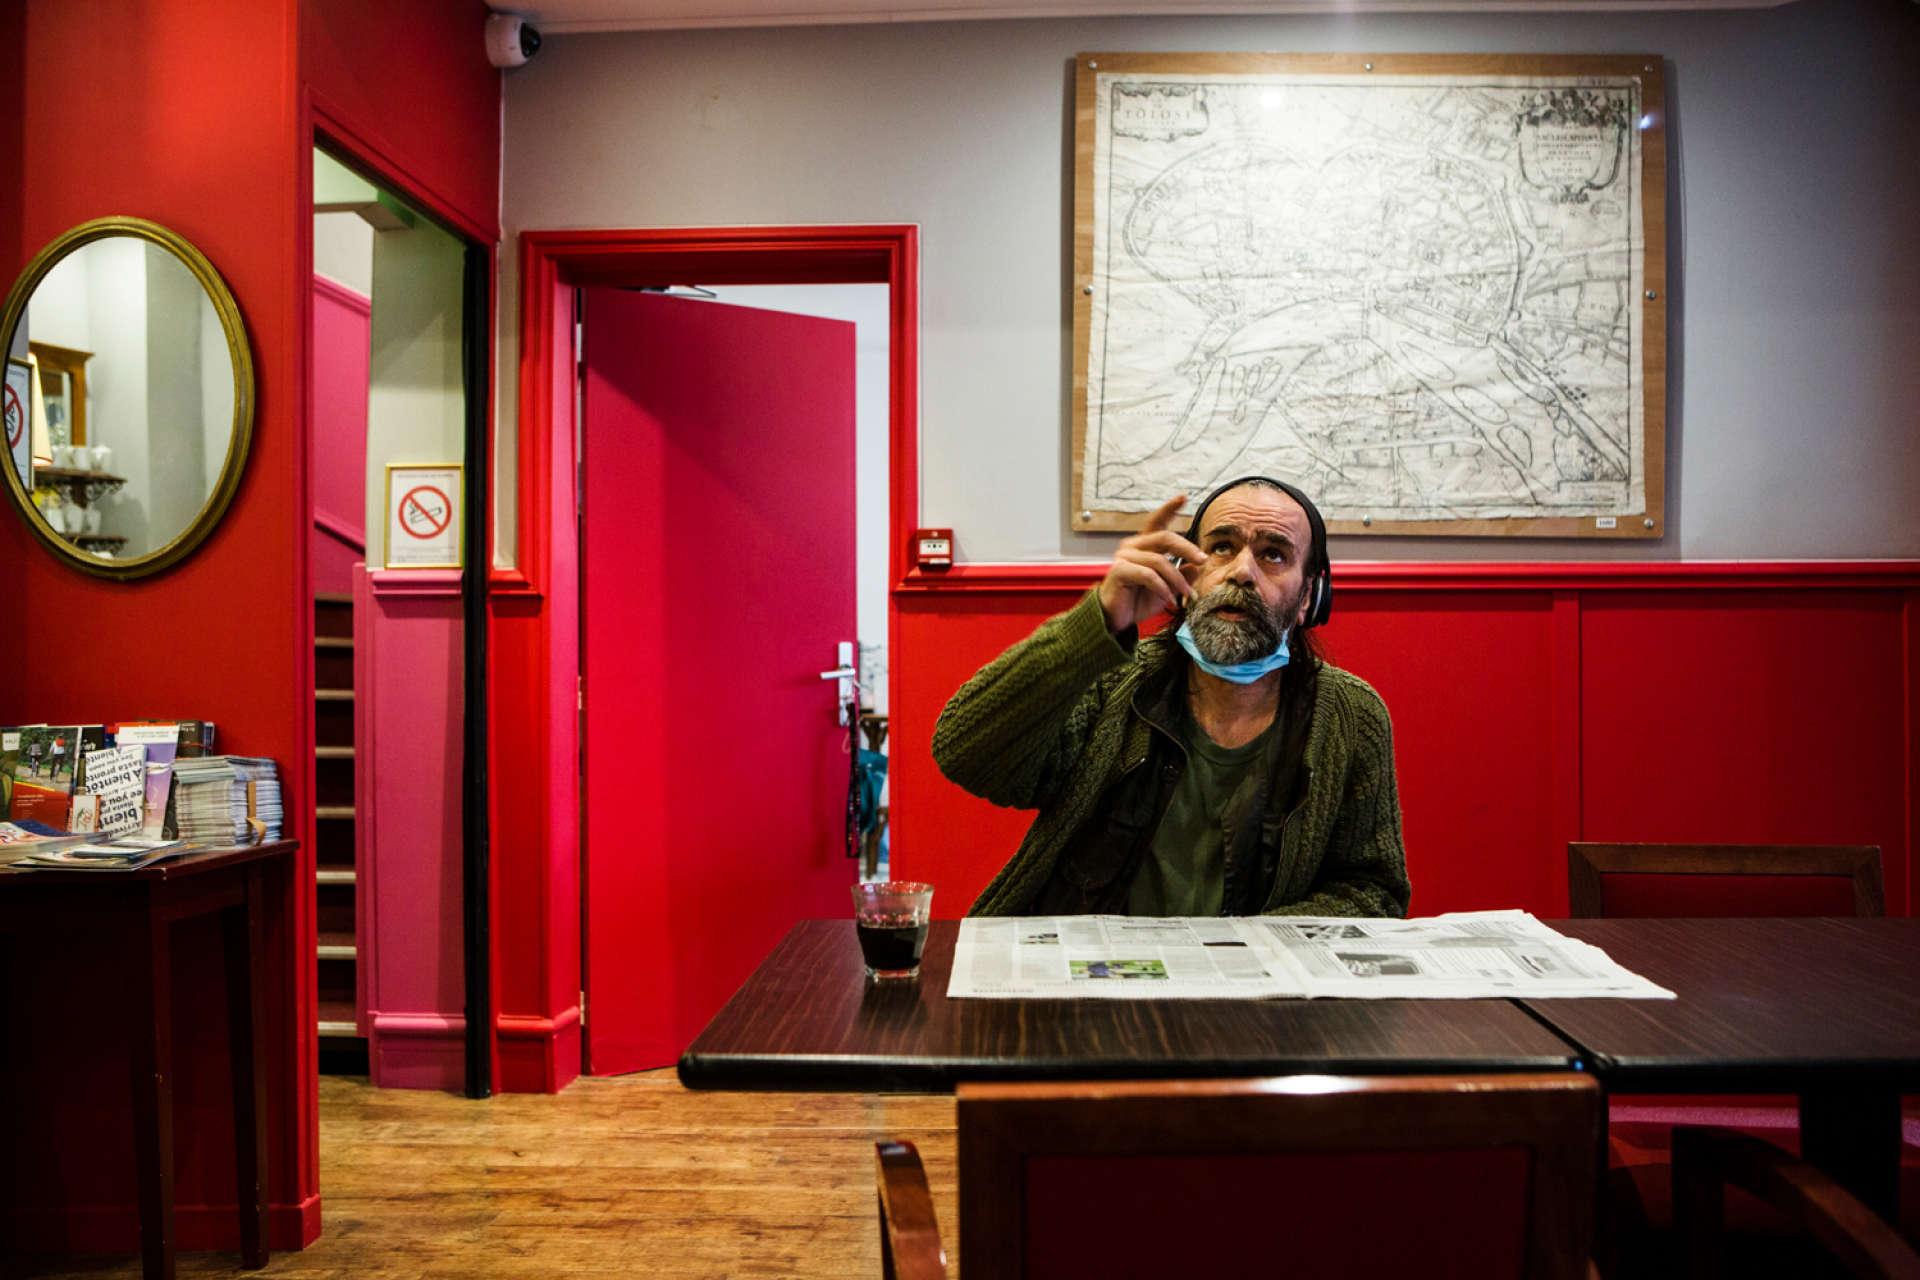 Michel aime lire «La Dépêche du Midi» en buvant trois ou quatre cafés le matin dans le hall de l'hôtel.